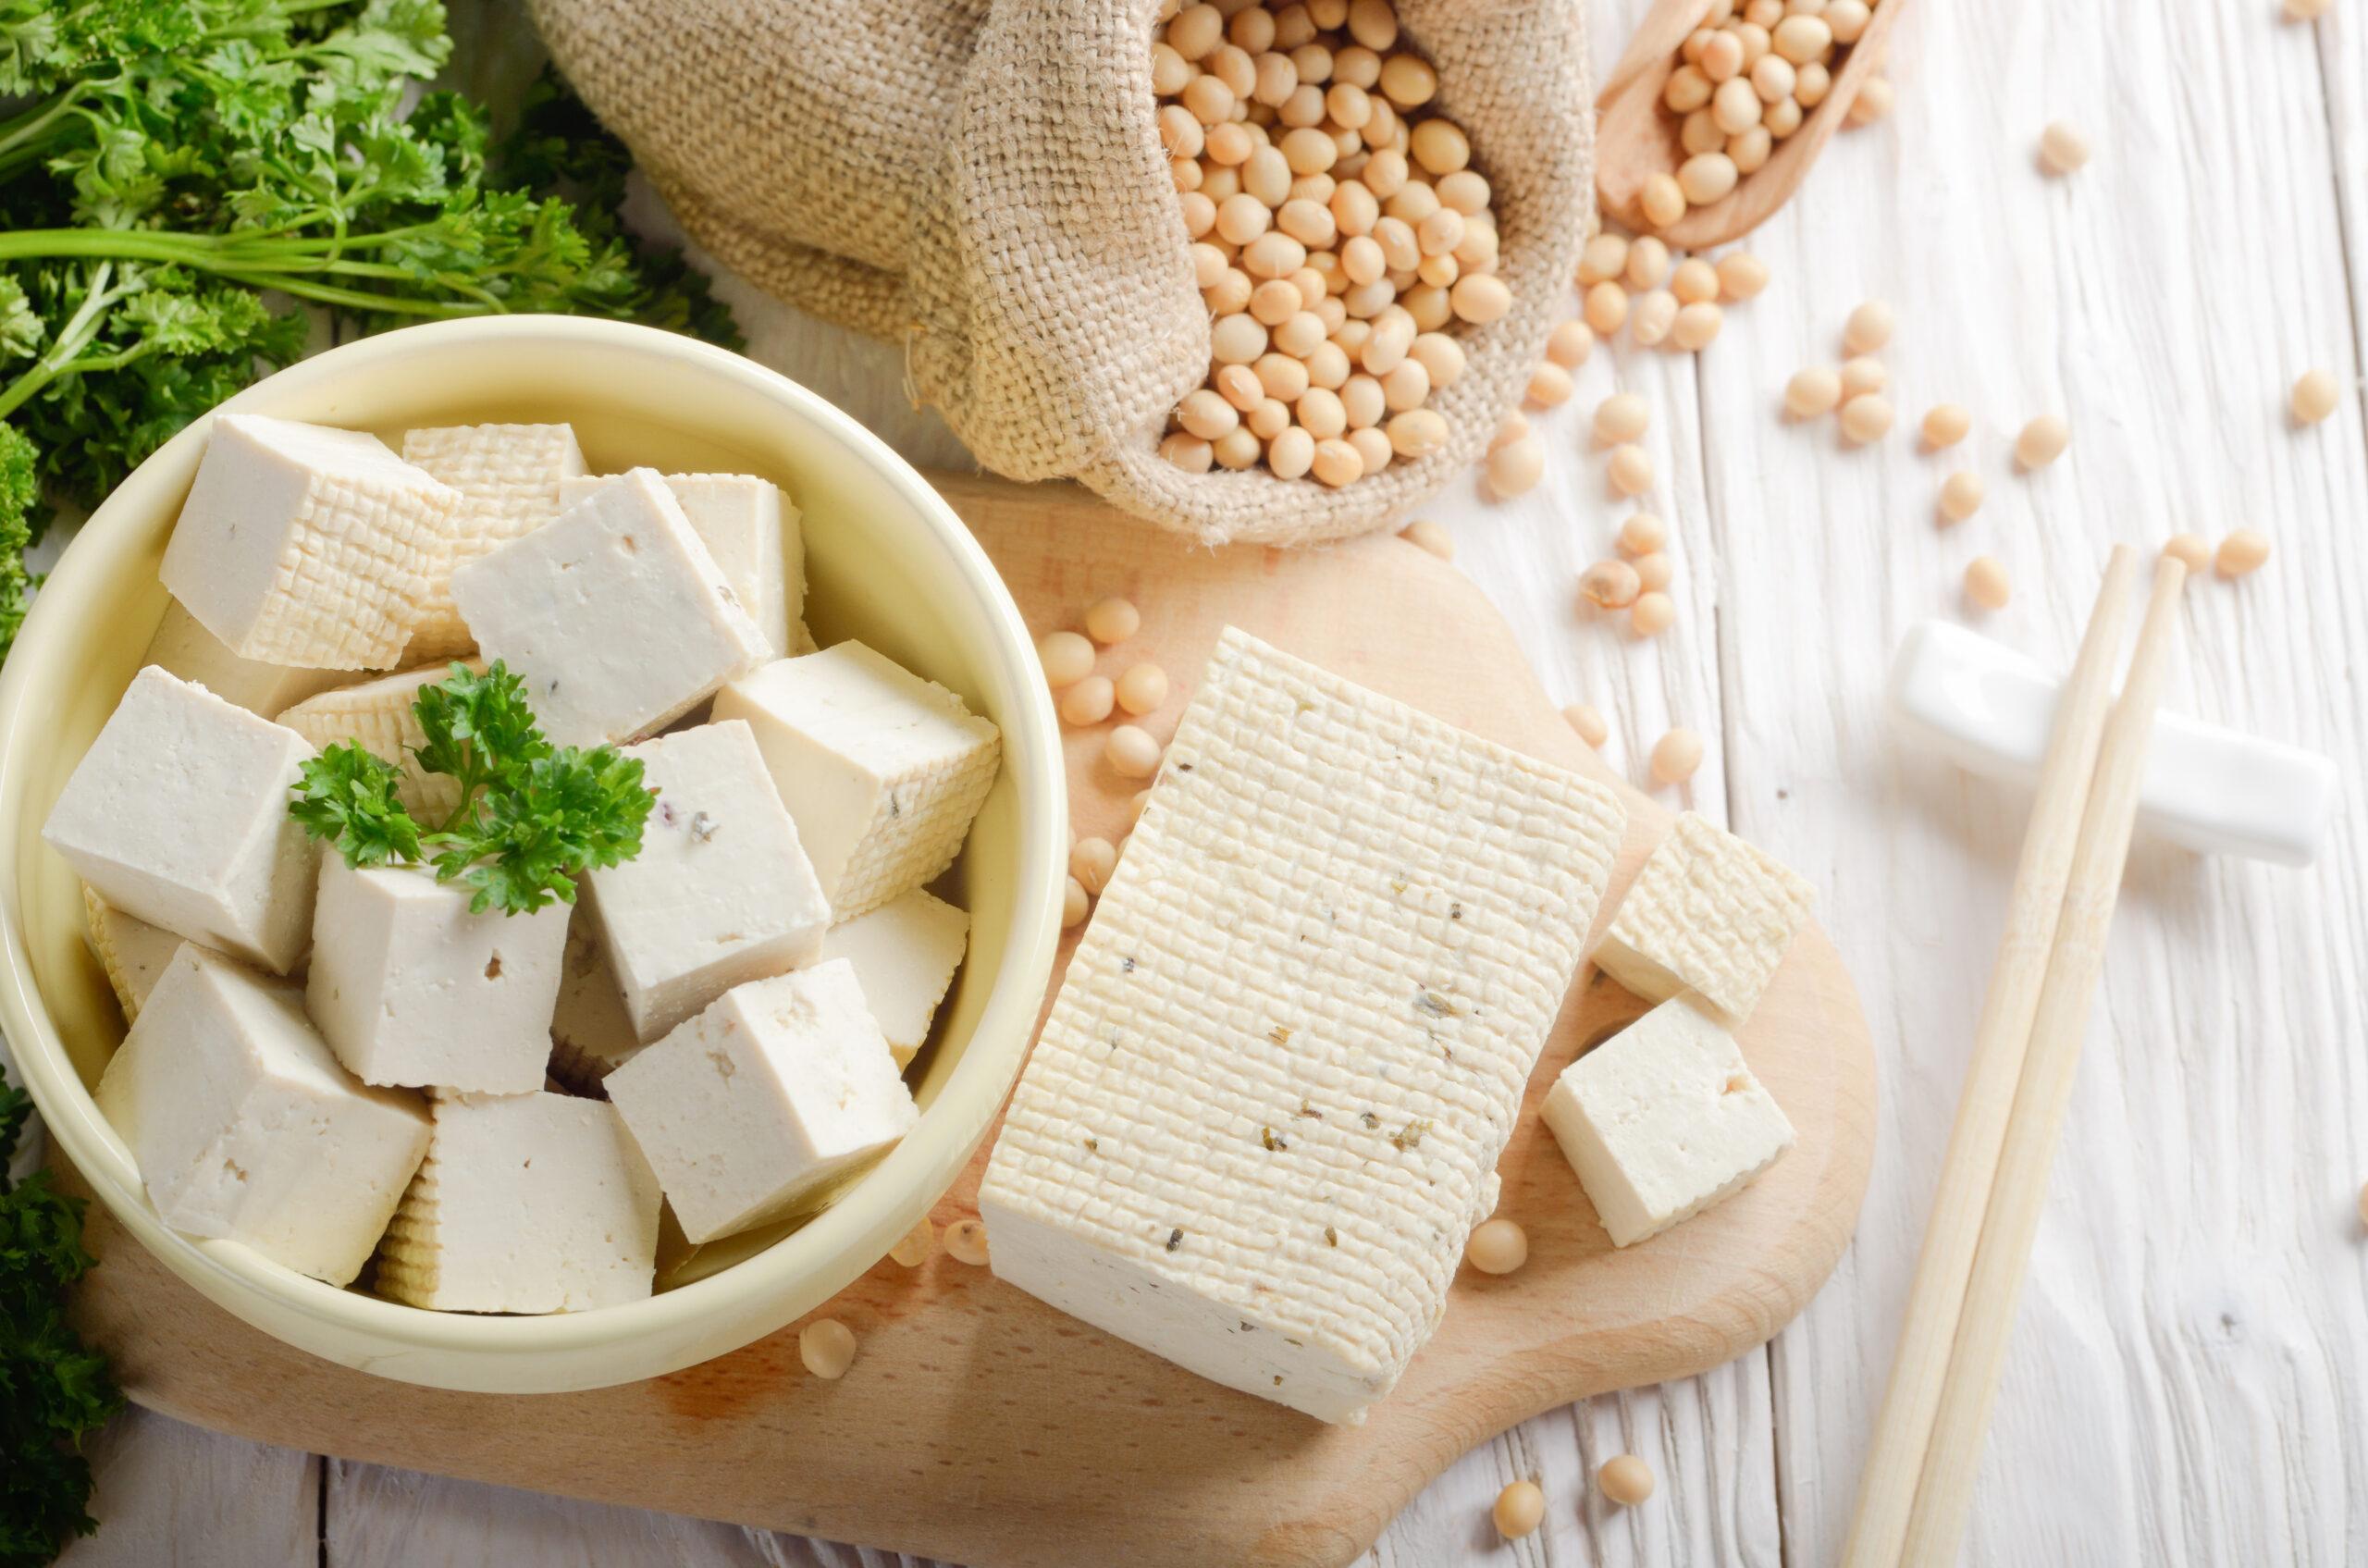 ヘルシーで美味:豆腐やおから